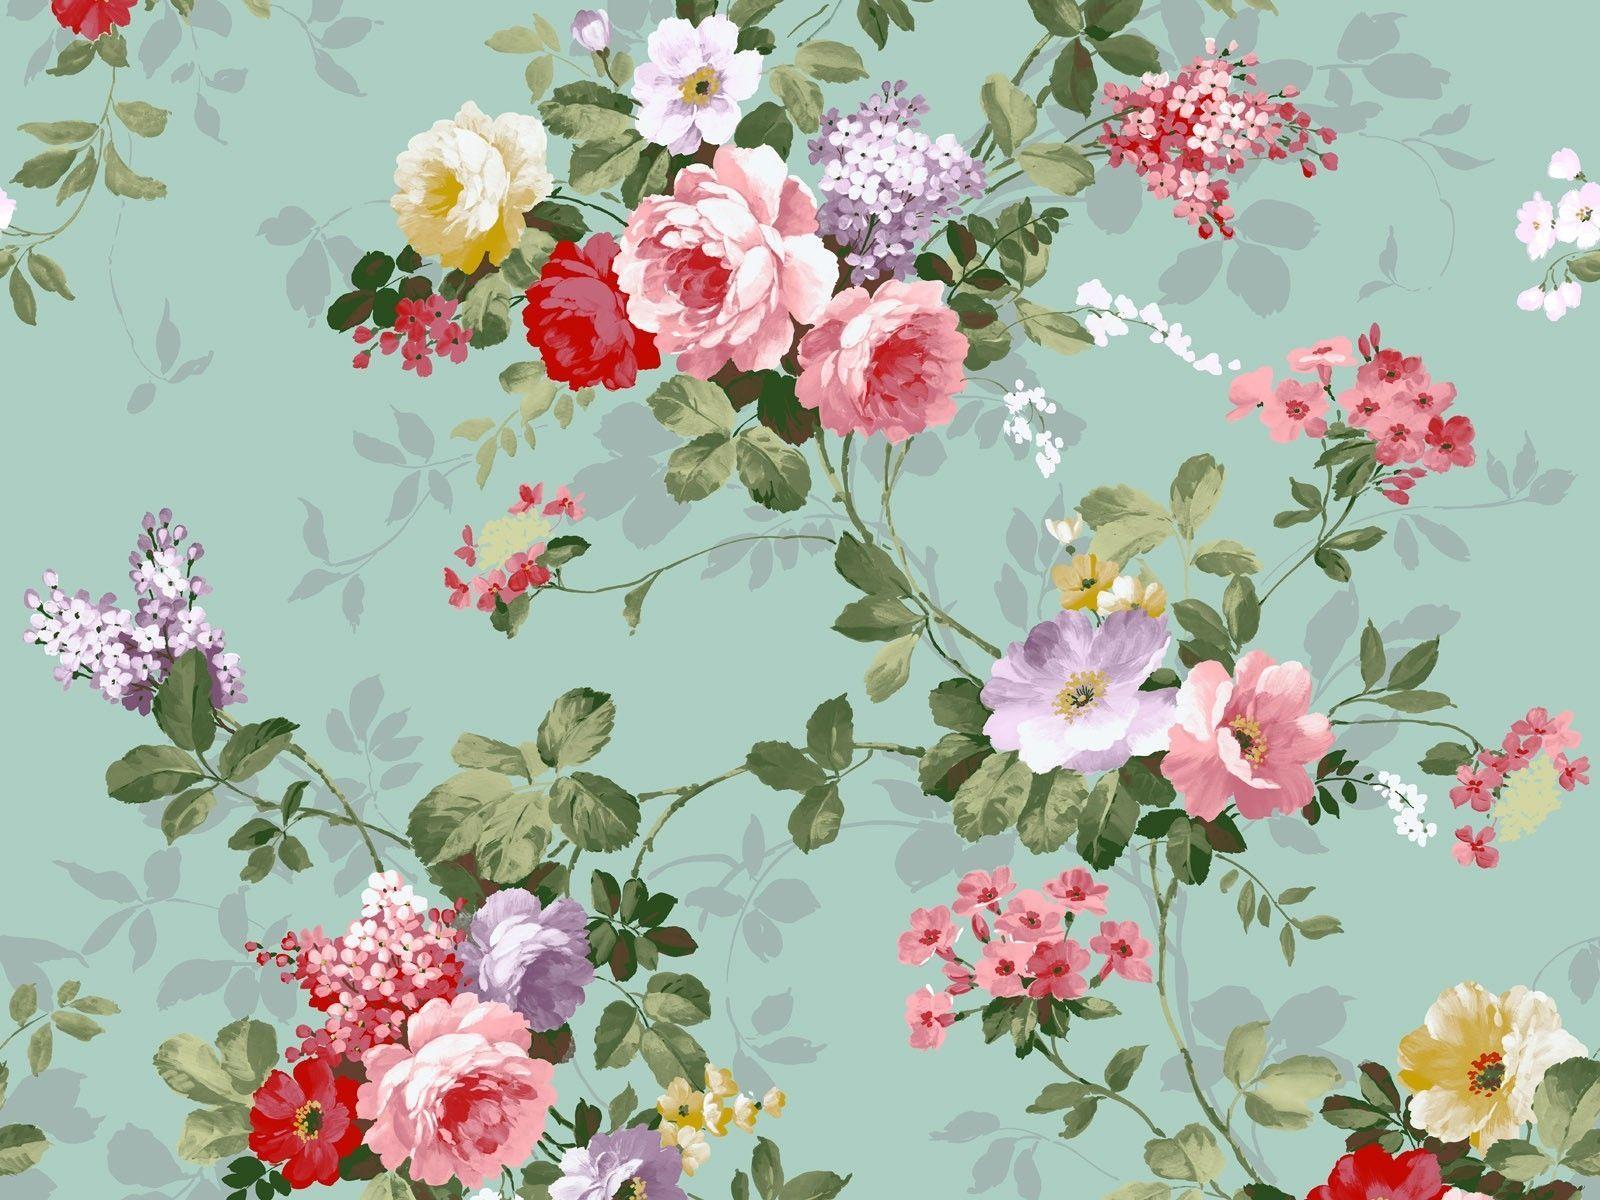 Vintage Floral Iphone Wallpaper Free Desktop Flickr Photo Sharing